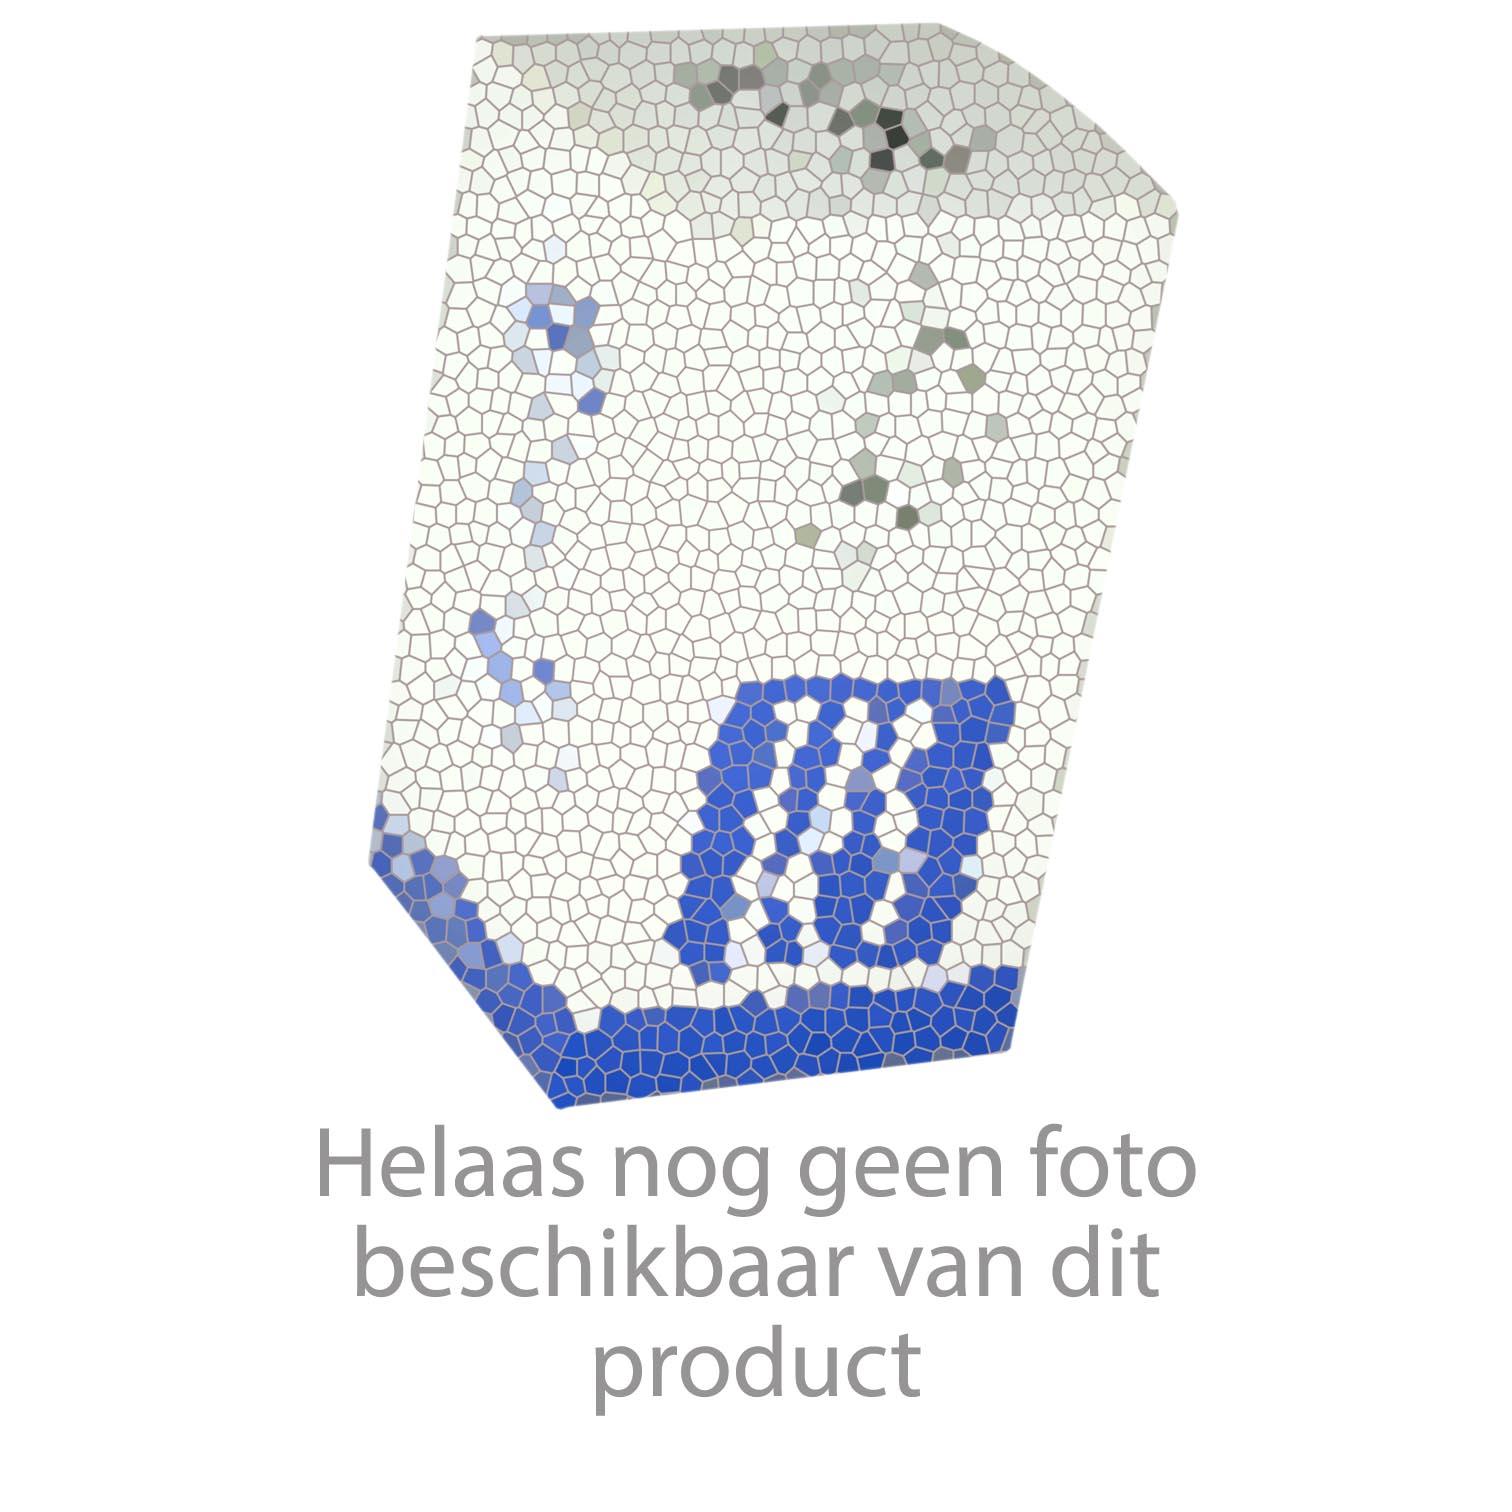 Echtermann EUROCLEAN 1-gats bladmodel tussenkraan op standzuil Artikel nummer 6634.42 (keramisch)